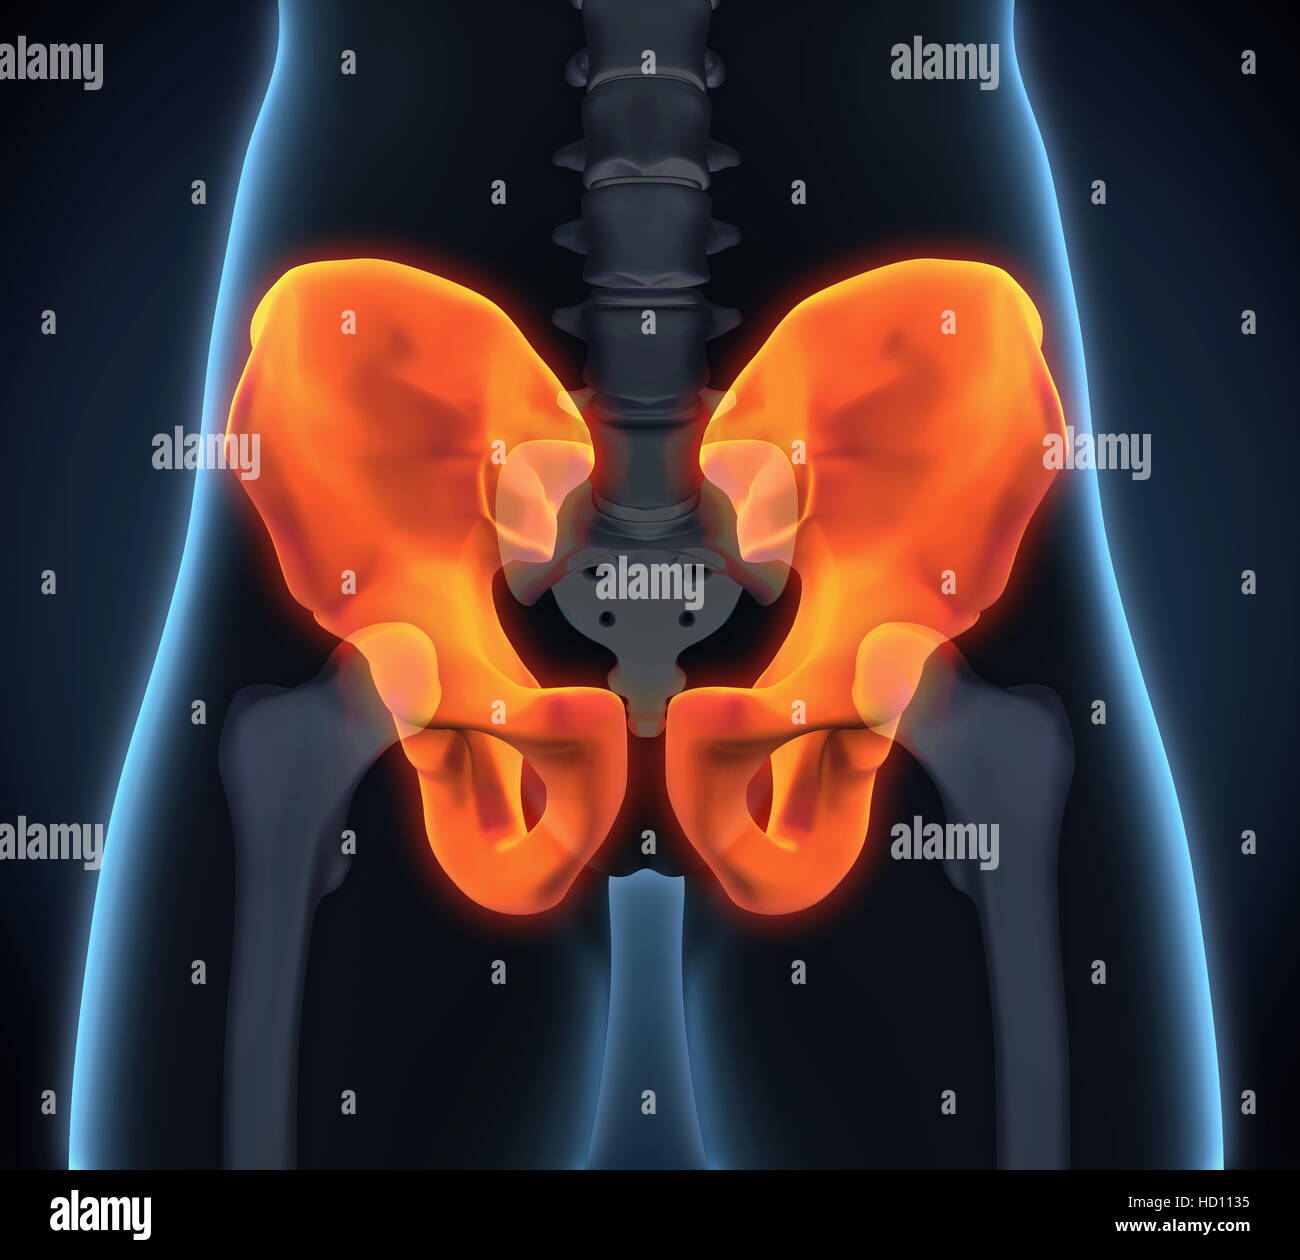 Hüftknochen Anatomie Stockfoto, Bild: 128485929 - Alamy